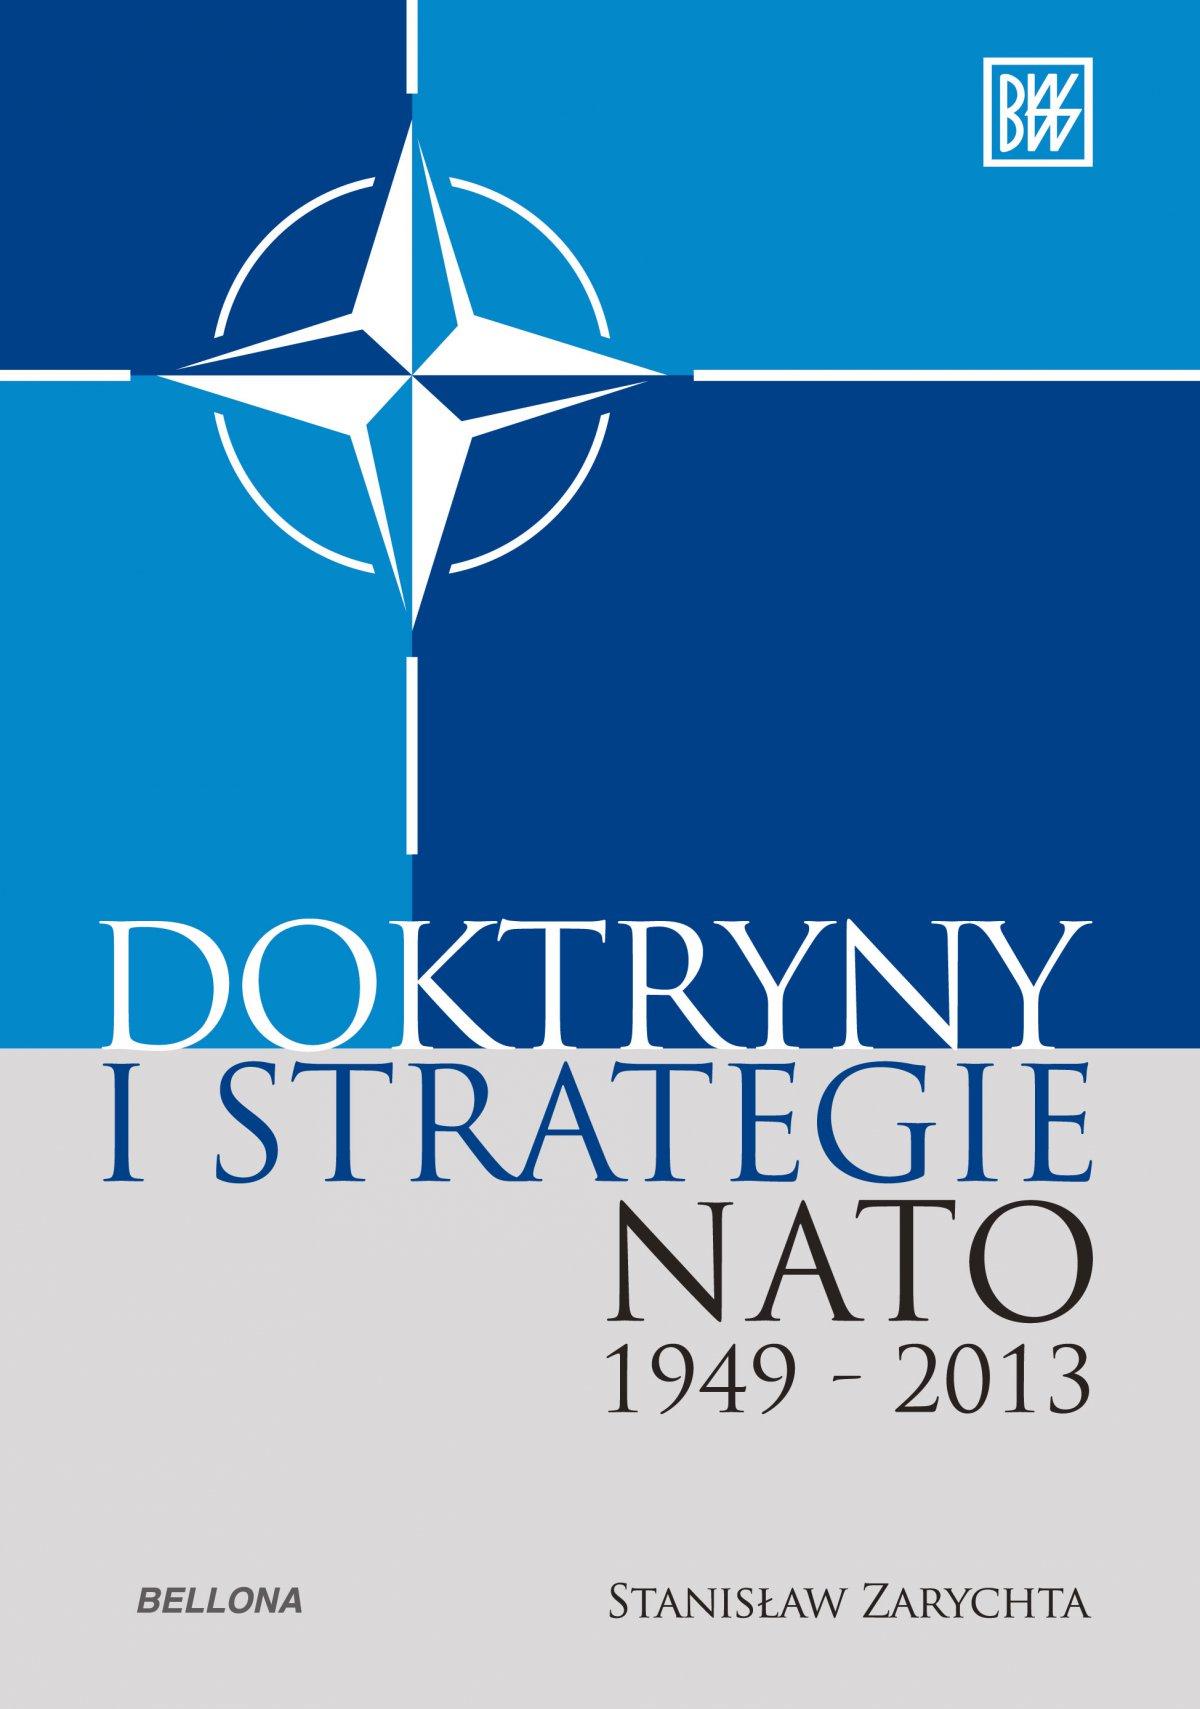 Doktryny i strategie NATO 1949-2013 - Ebook (Książka na Kindle) do pobrania w formacie MOBI